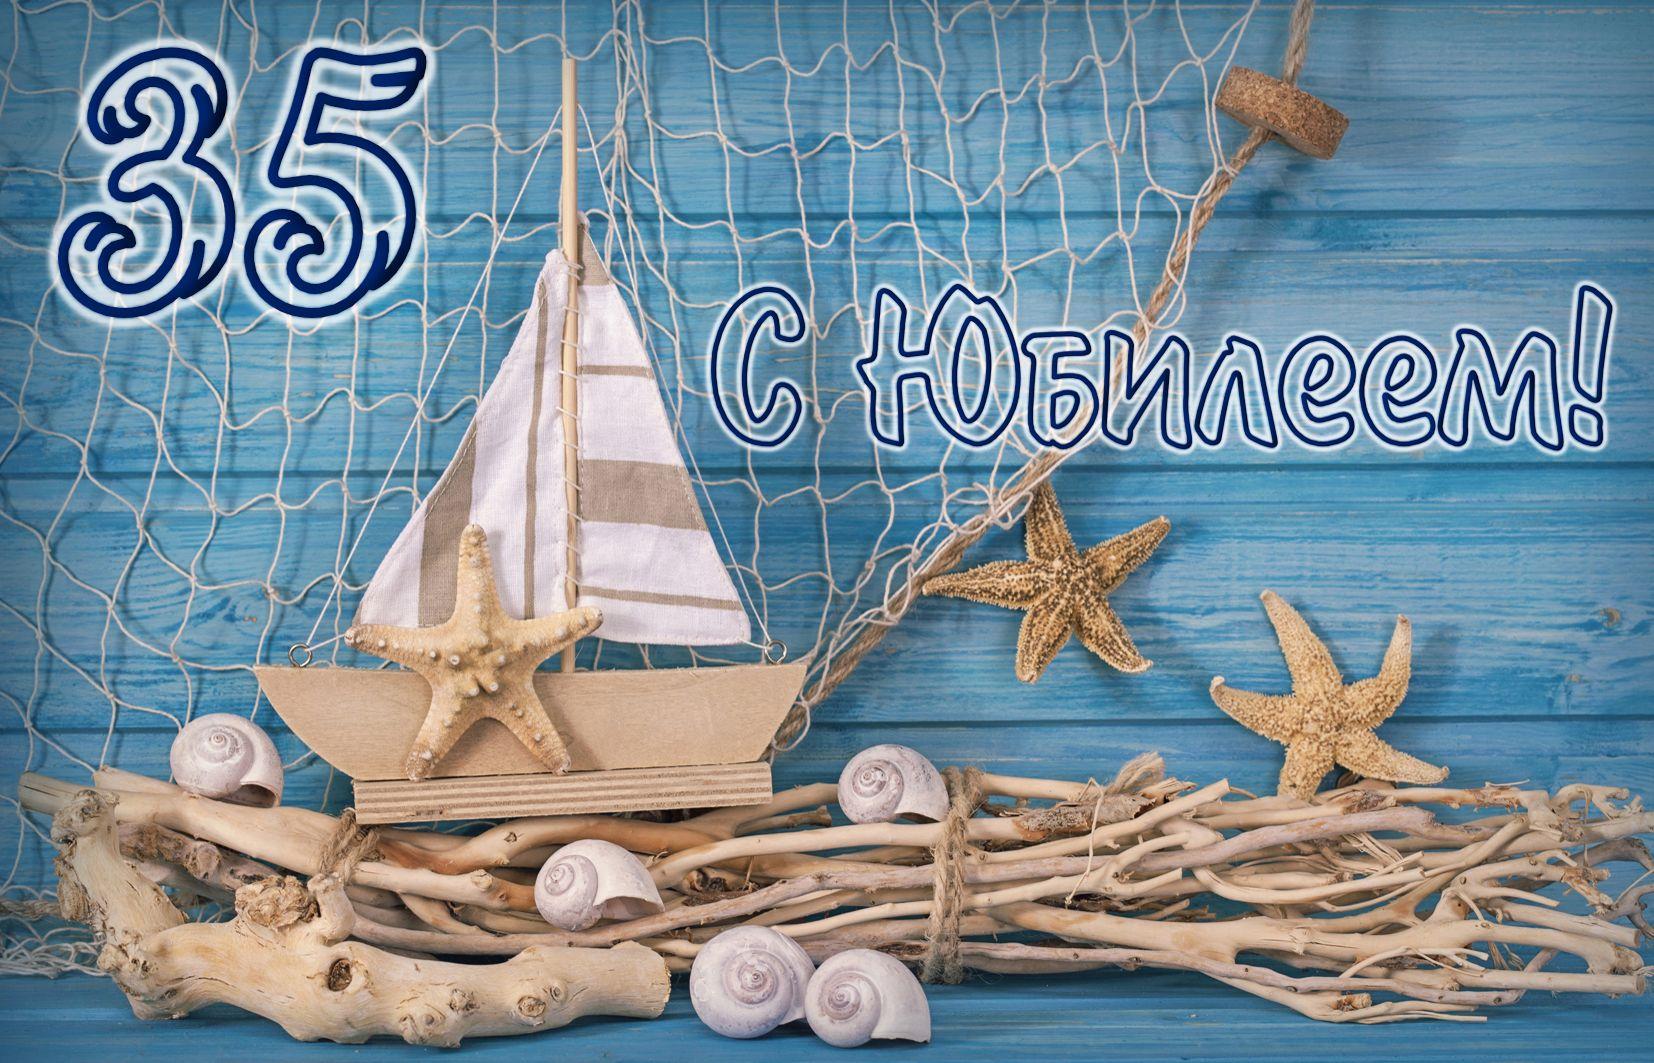 Открытка на юбилей 35 лет - морские атрибуты на голубом фоне